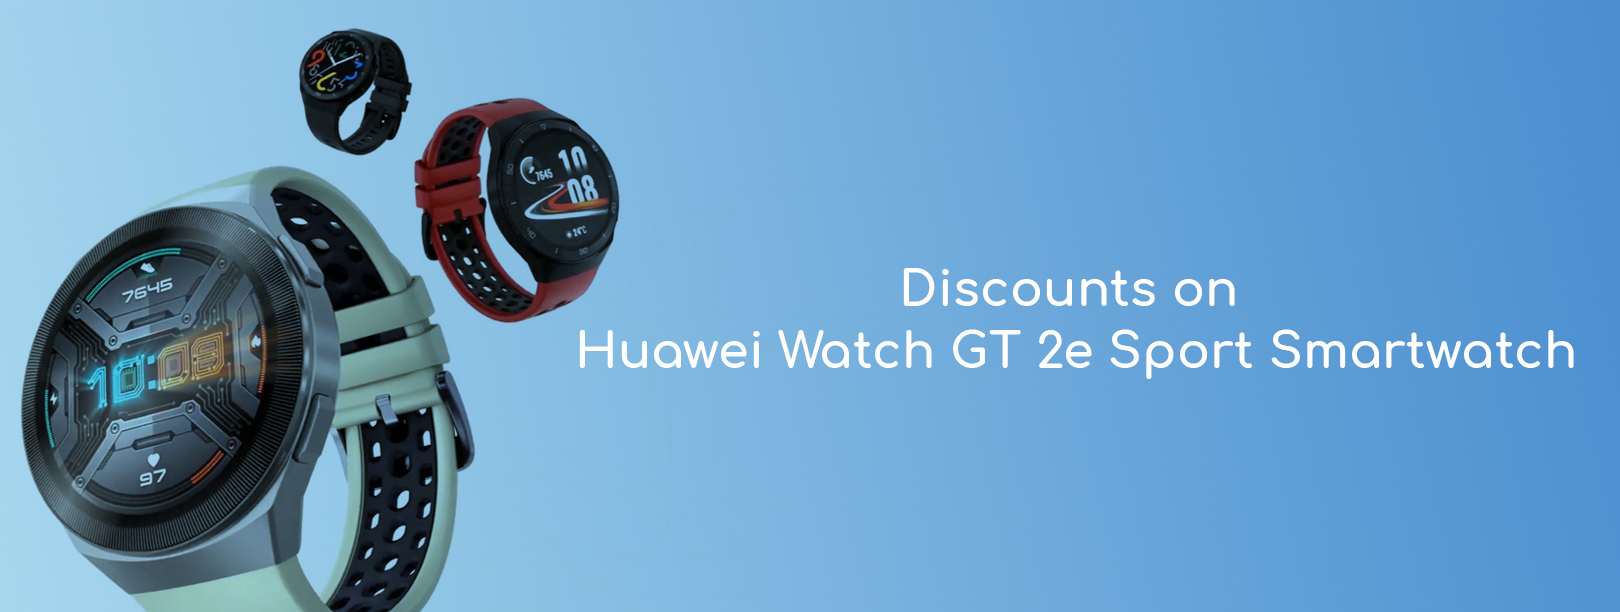 Flipkart Huawei Watch GT 2e Sport Smartwatch